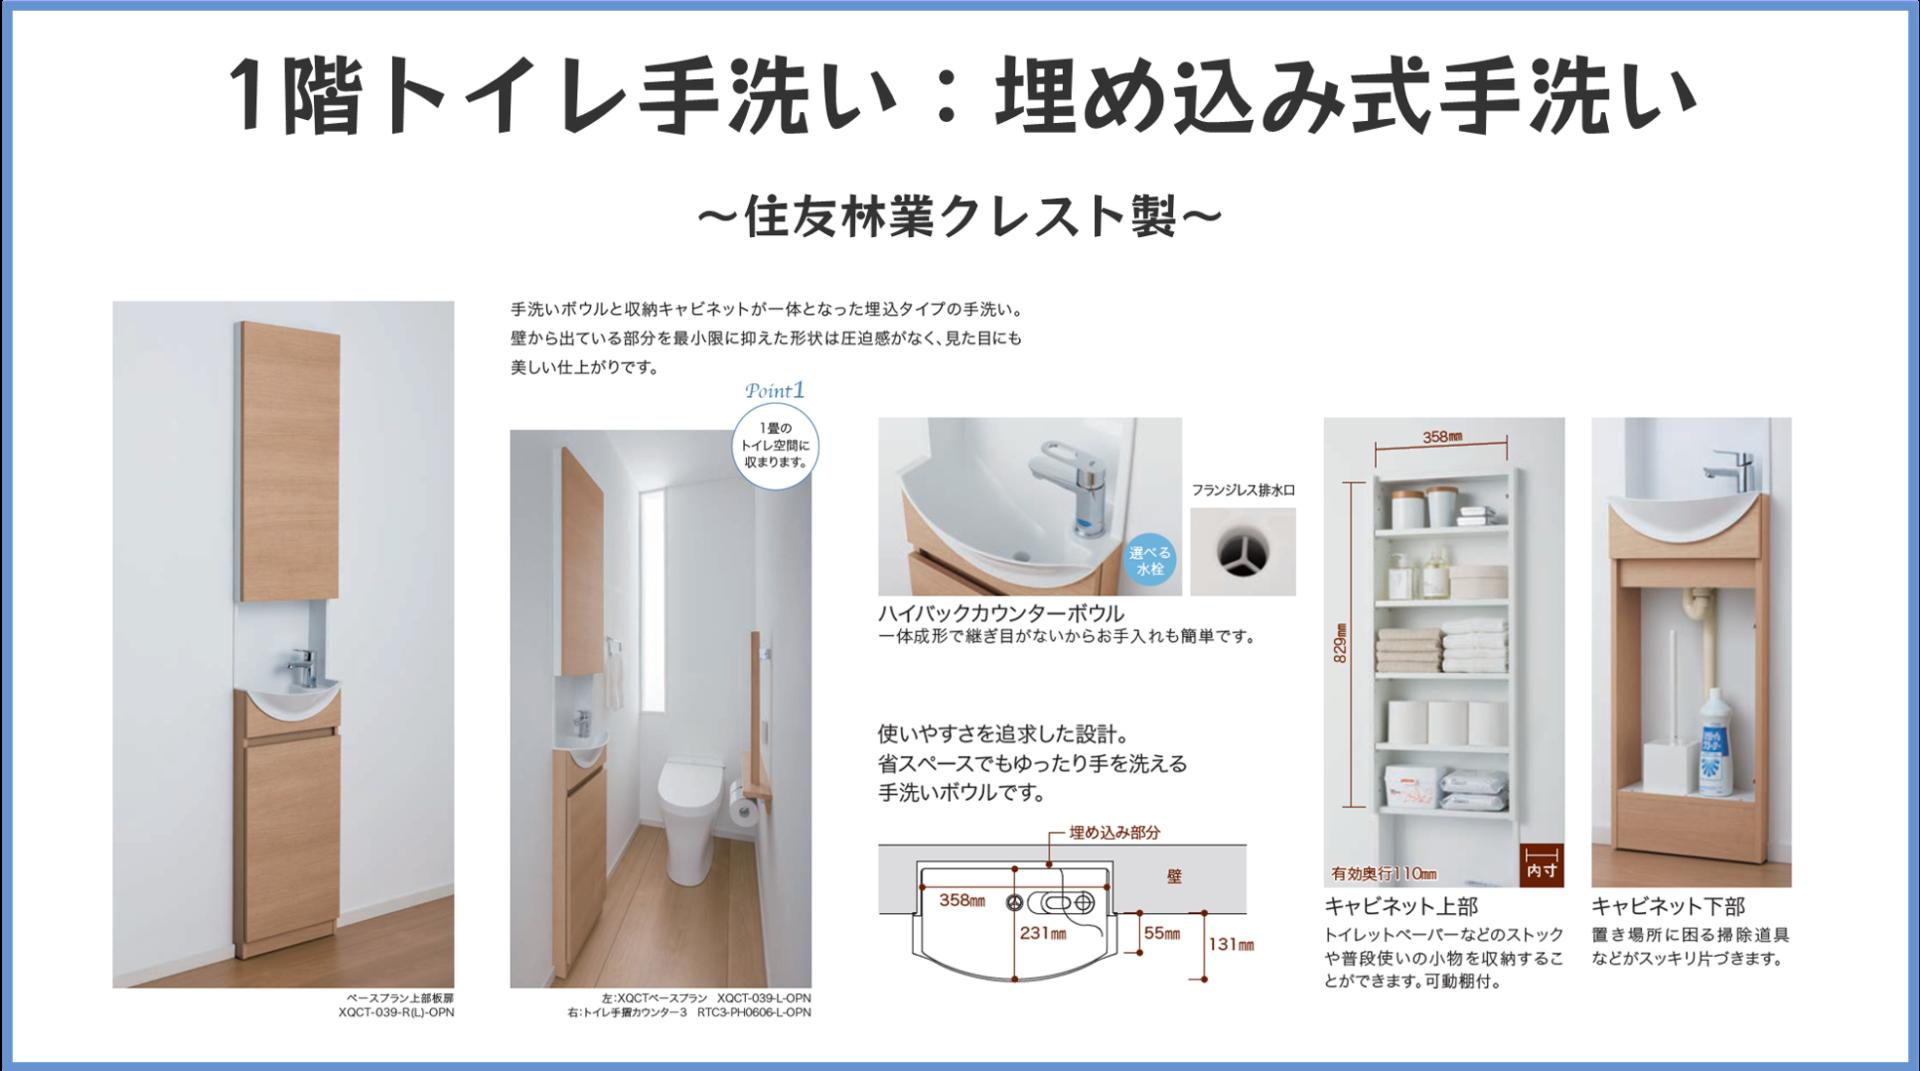 1階トイレ手洗い_埋め込み式